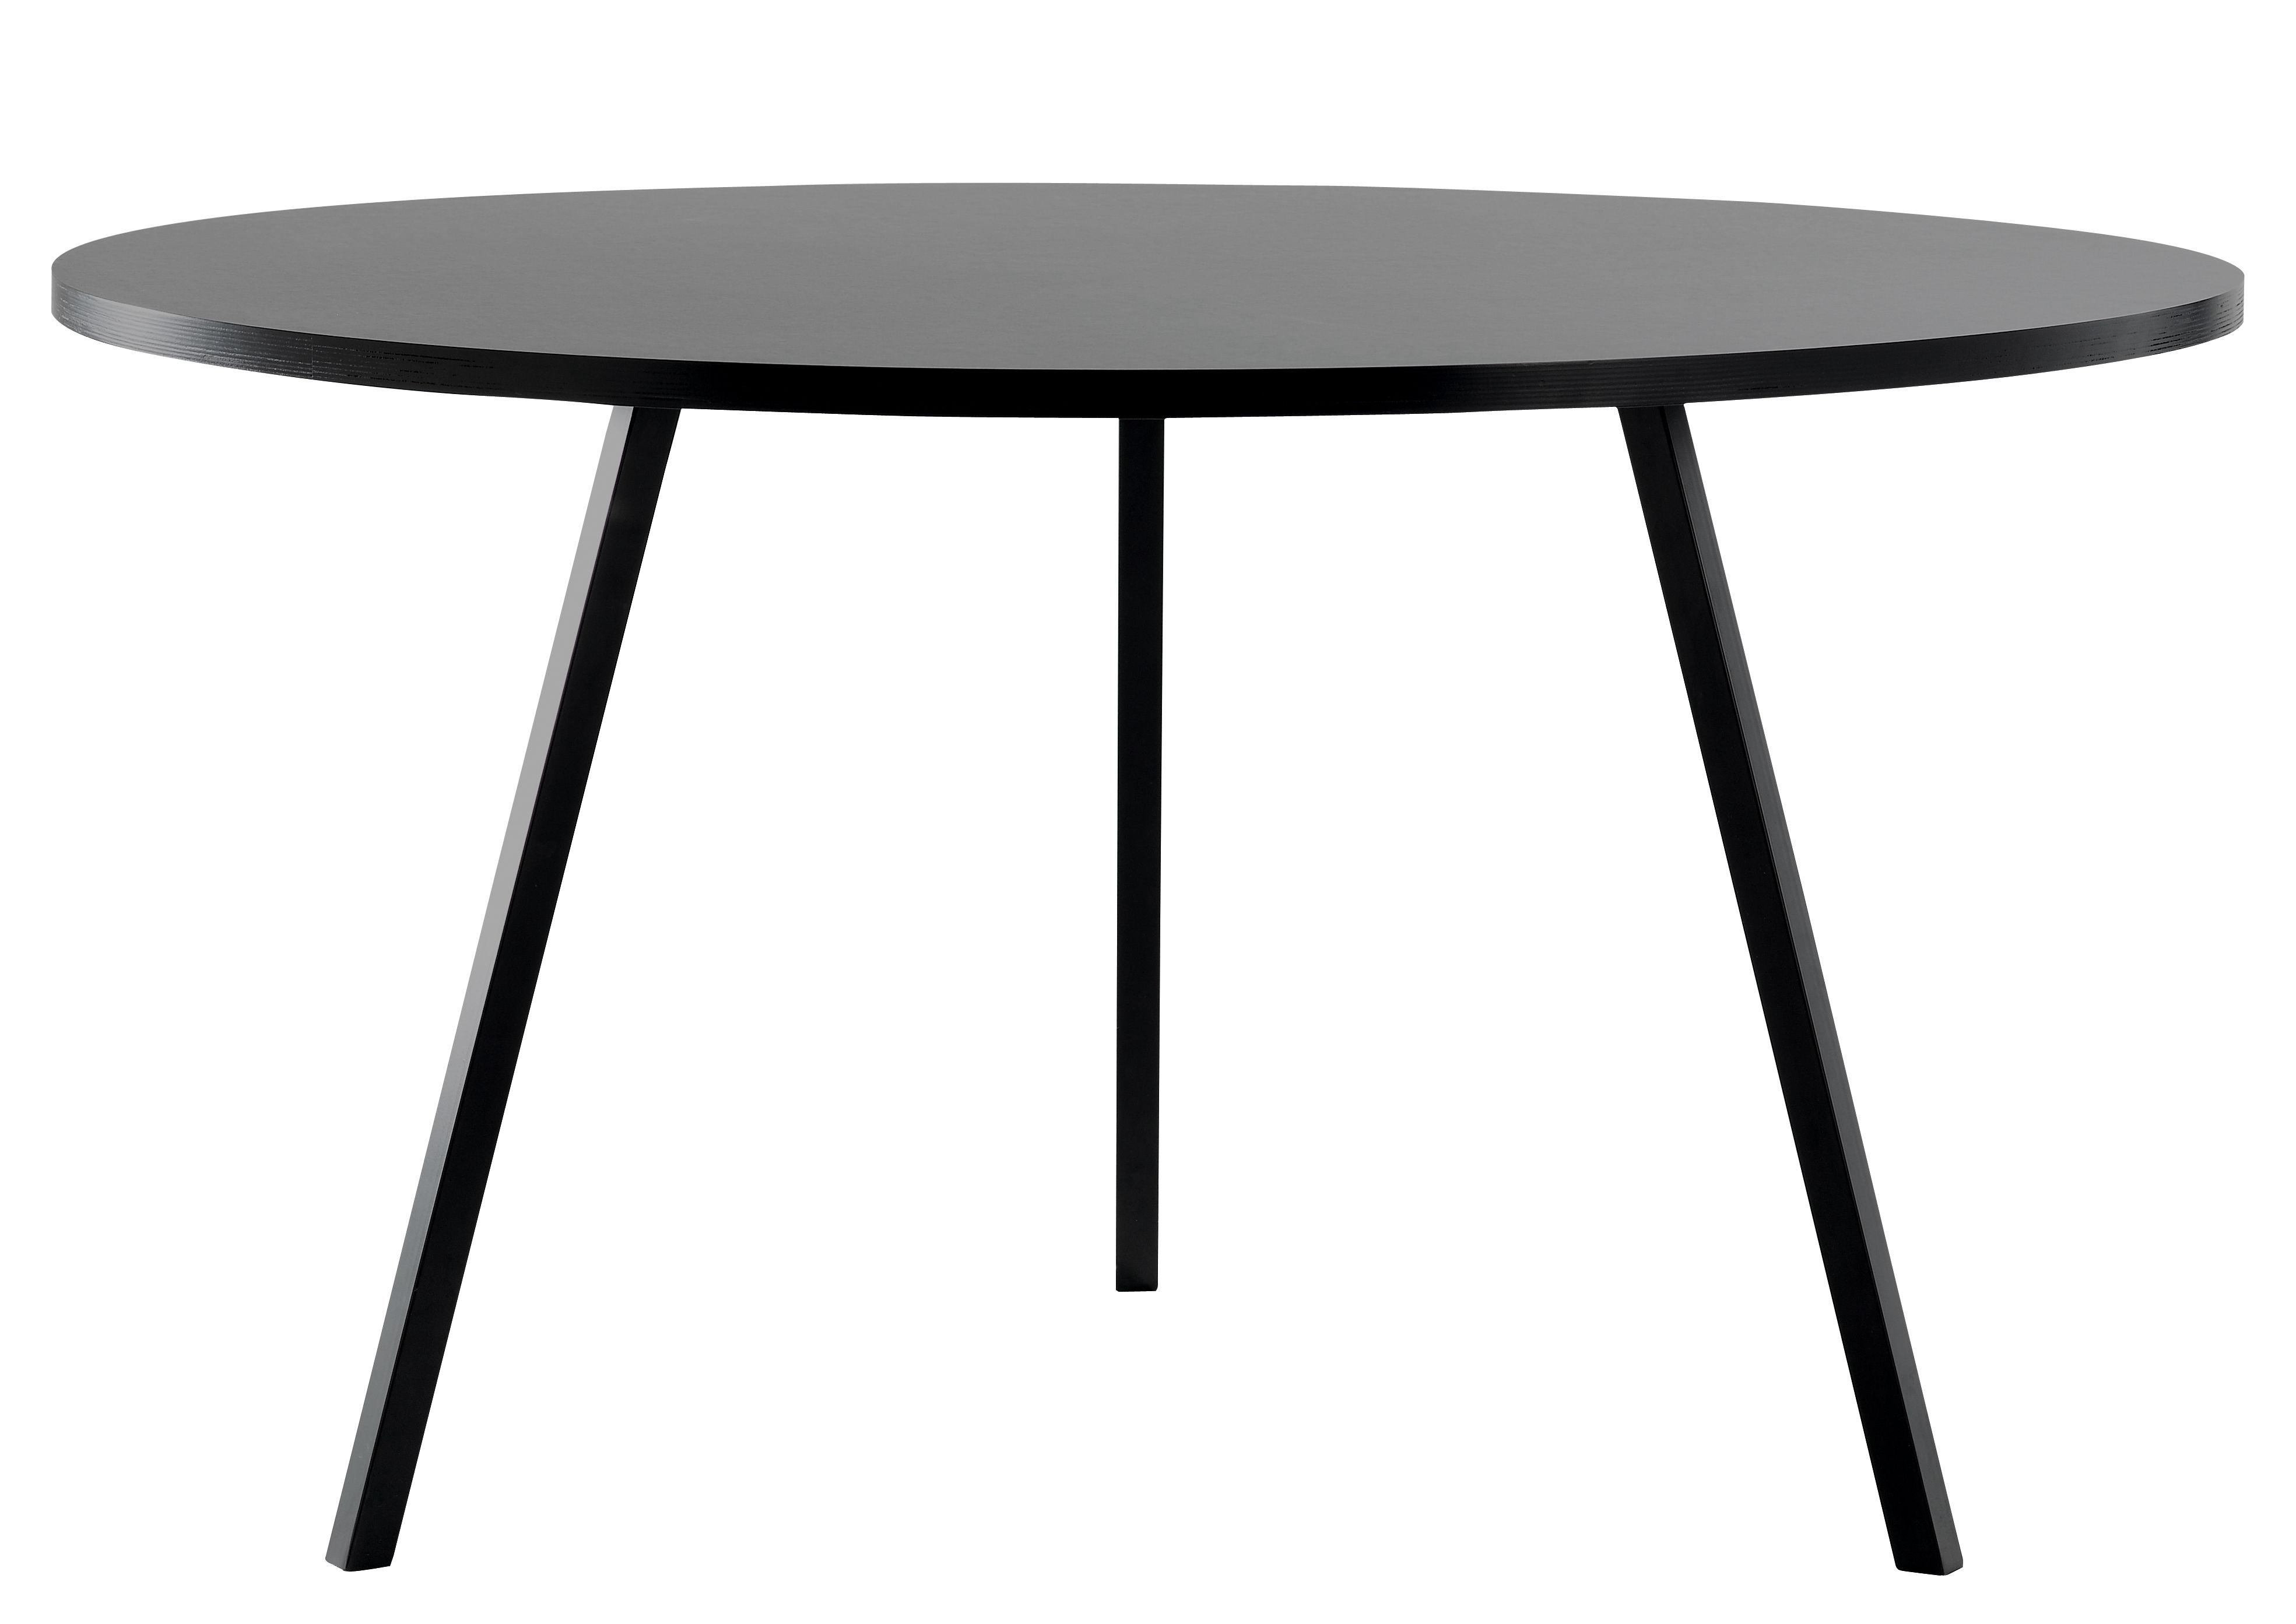 Tendances - Espace Repas - Table ronde Loop / Ø 120 cm - Hay - Noir - Acier laqué